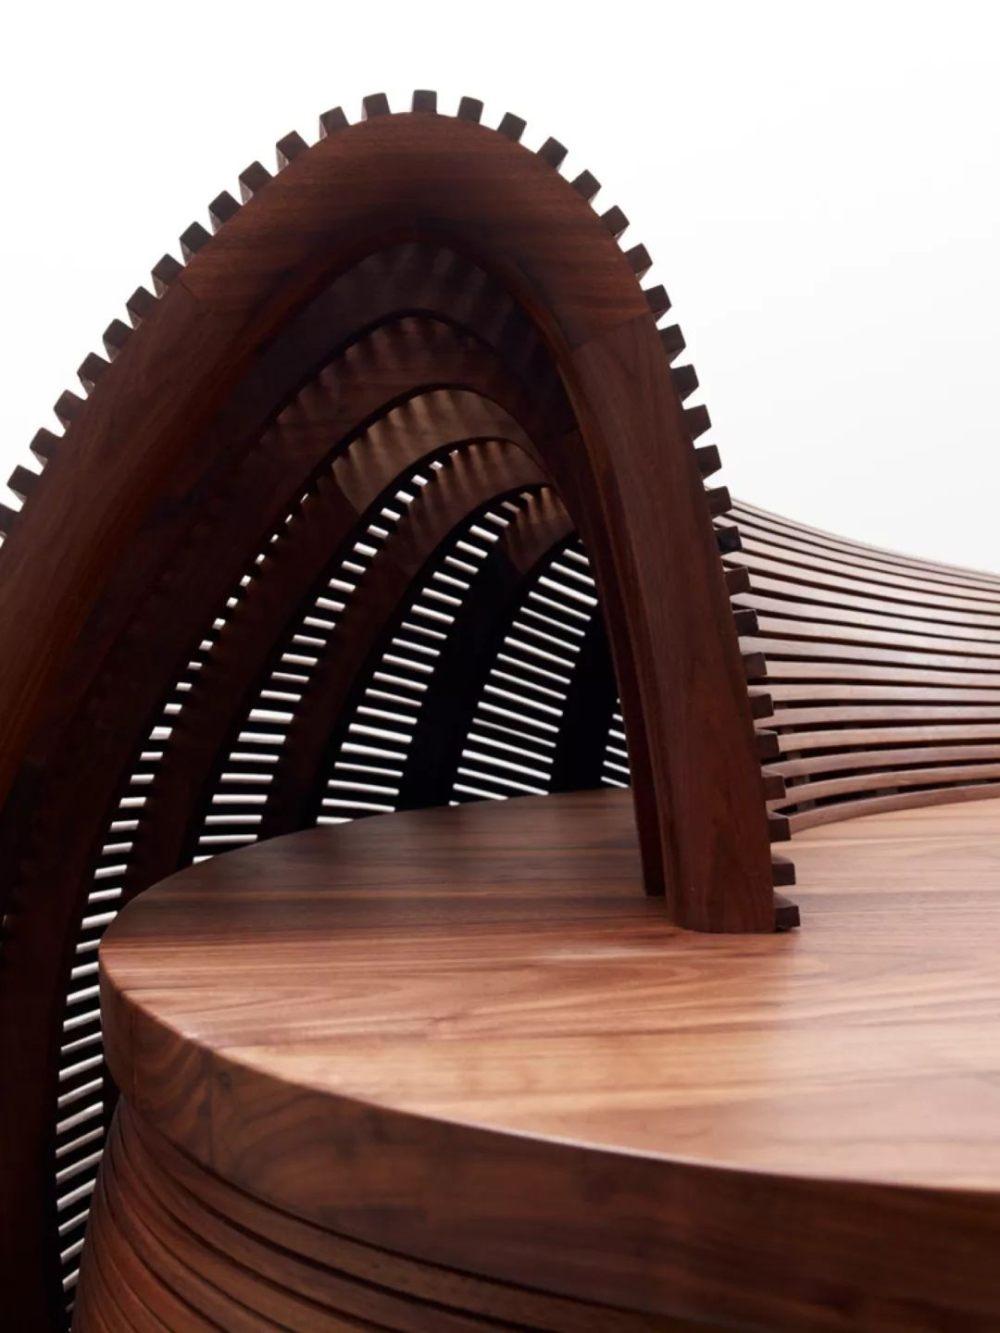 个性时尚家具这些amazing的家具里藏满了设计师的神秘脑洞 |_家变艺术馆?这些amazing的家具里藏满了设计师的神秘脑洞15.jpg